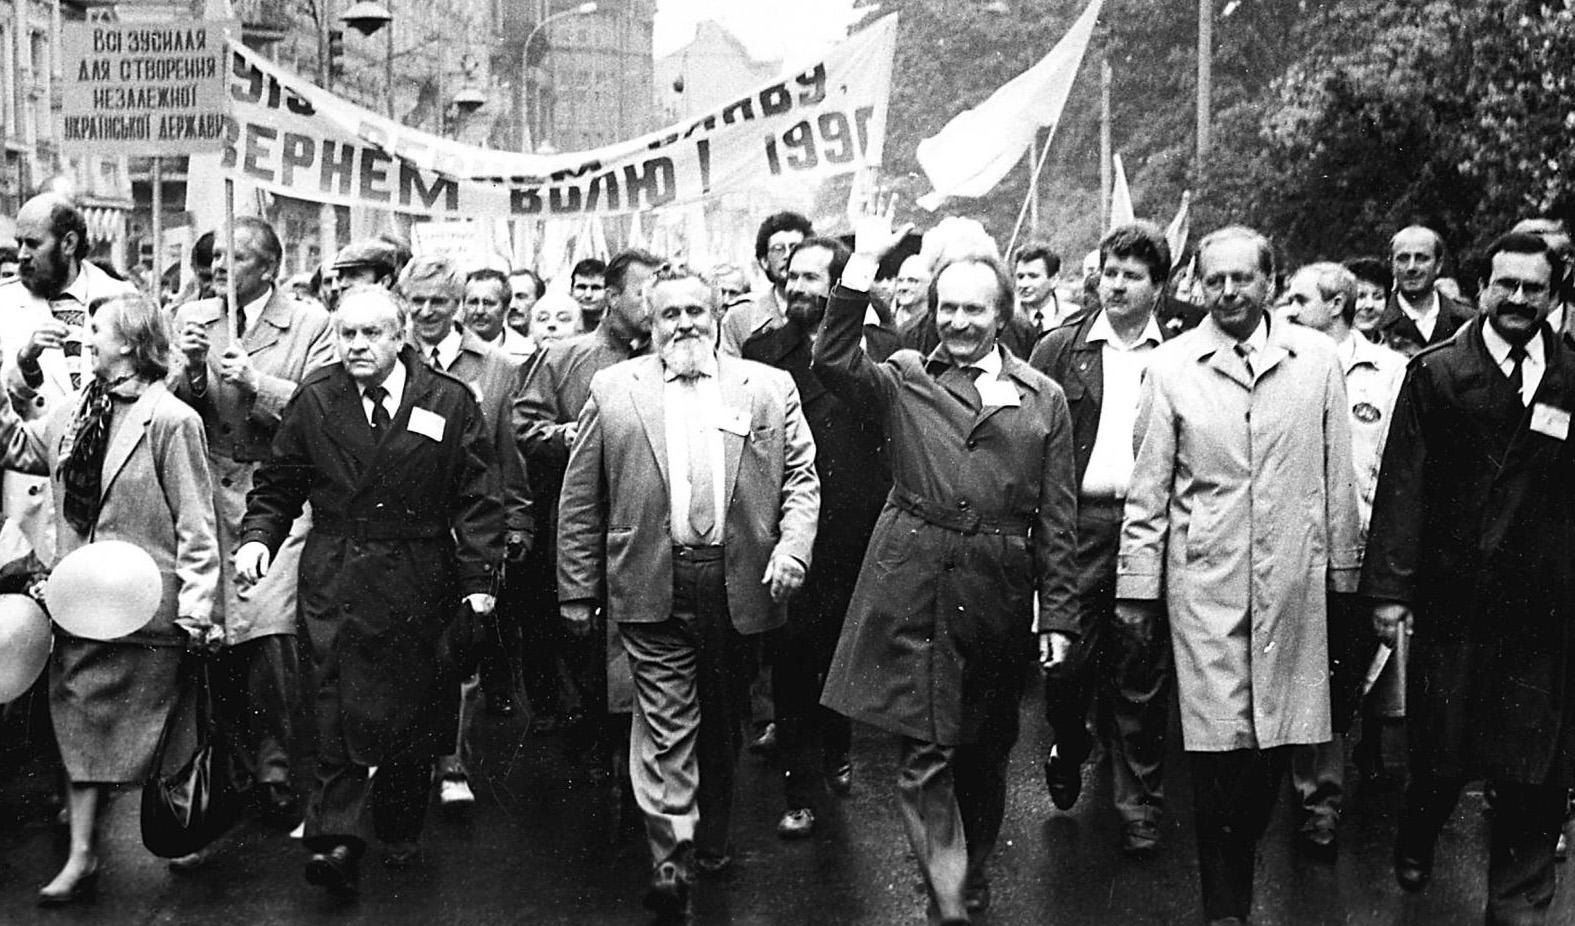 Украина 30. Год 1991 - обретение Украиной независимости: как это происходило — фото 1